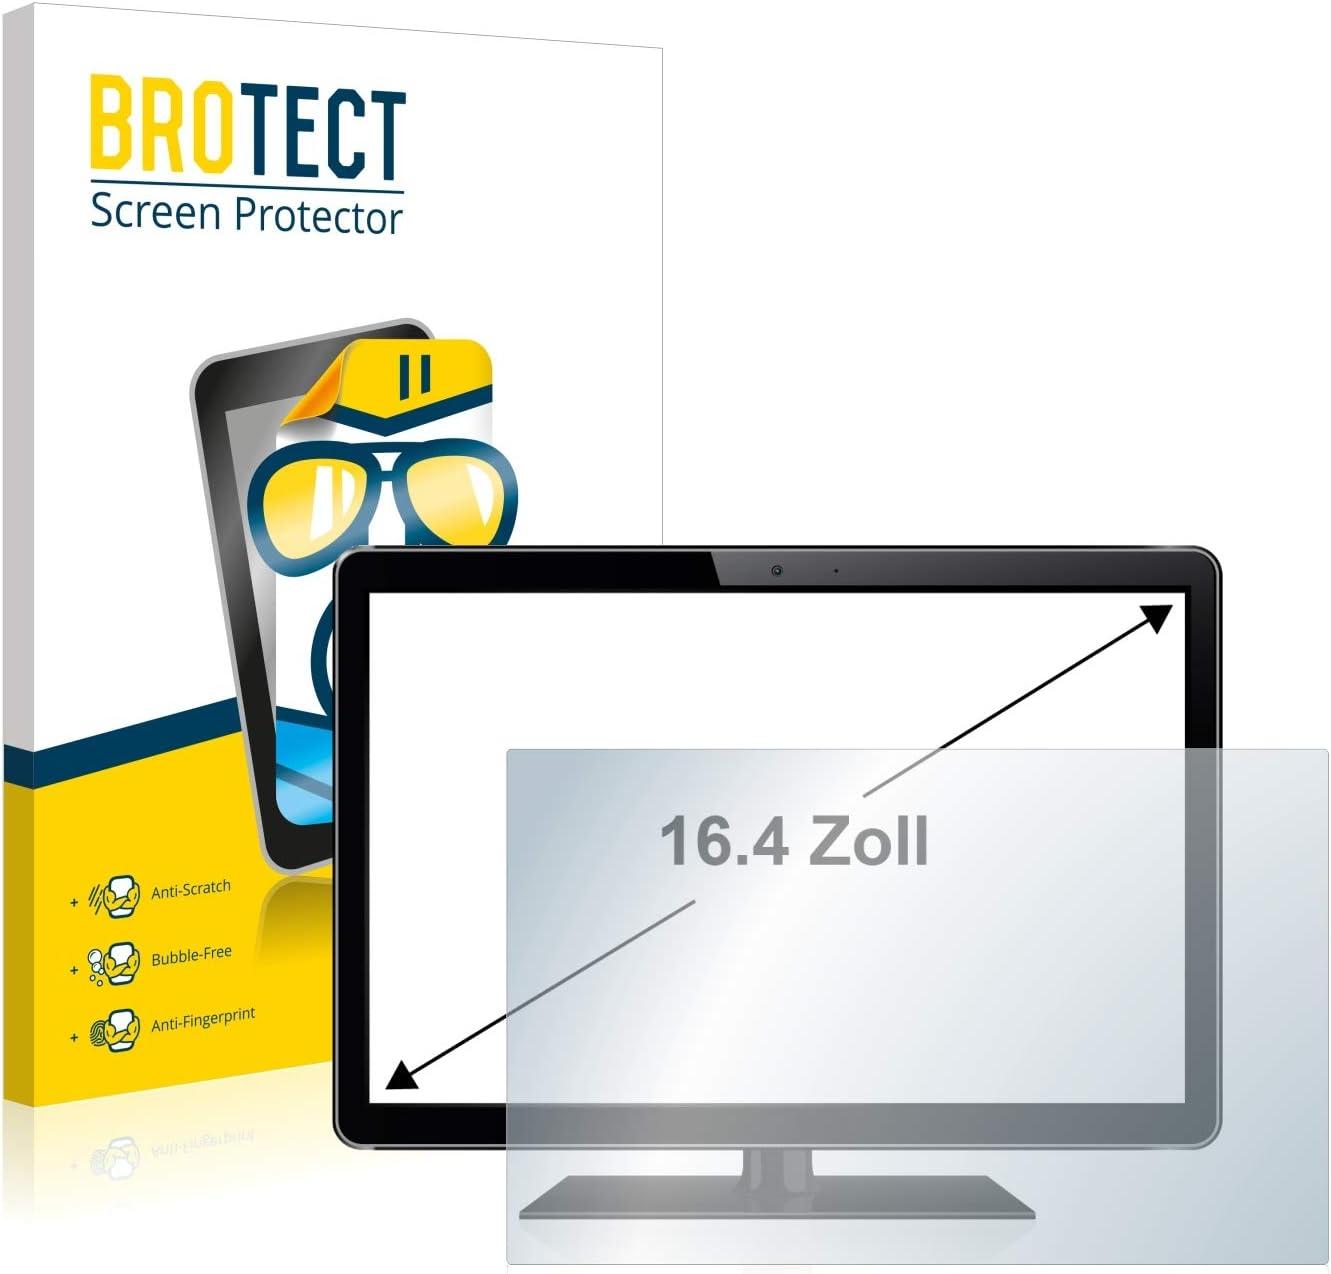 BROTECT Protector Pantalla para Caja Registradora de 41.7 cm (16.4 Pulgadas) [364 mm x 205 mm, 16:9] Protector Transparente: Amazon.es: Electrónica